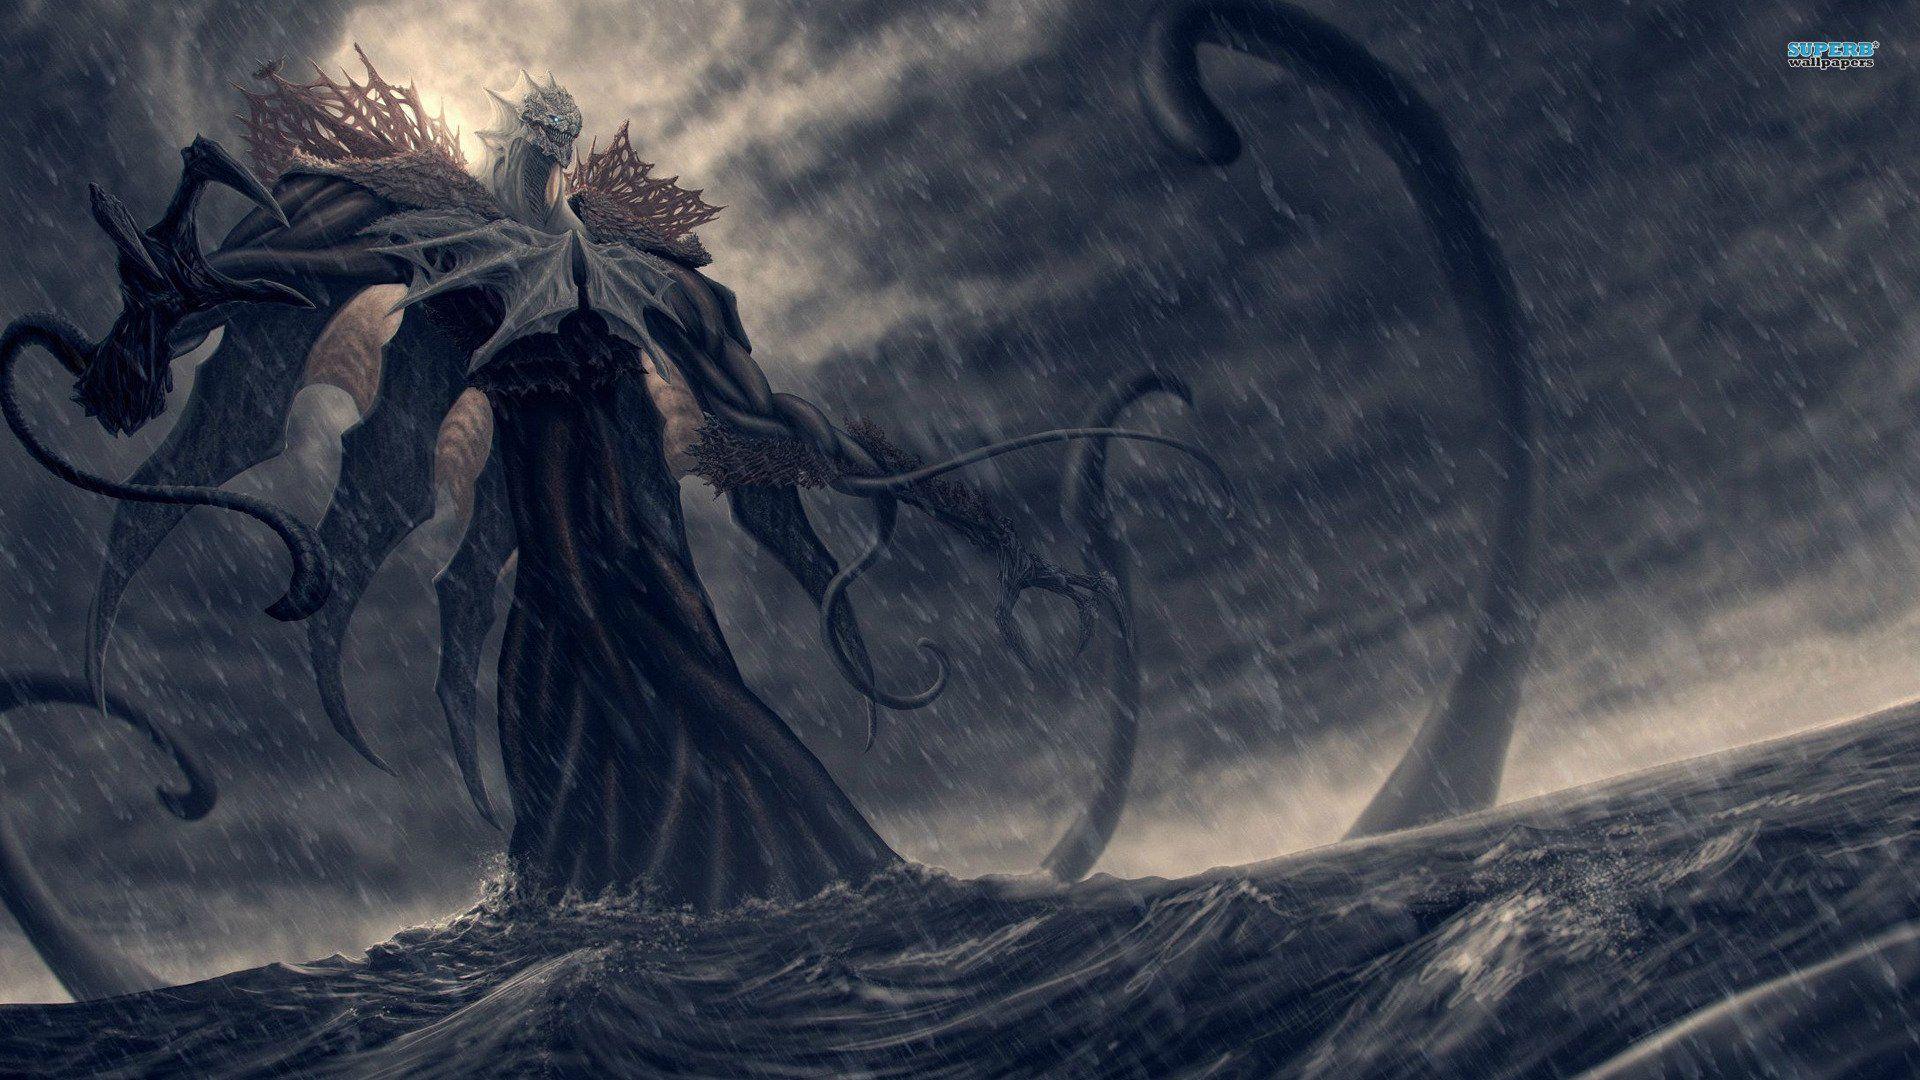 Fantasy Sea Monster Wallpaper Monster Pictures Ocean Monsters Dark Fantasy Art